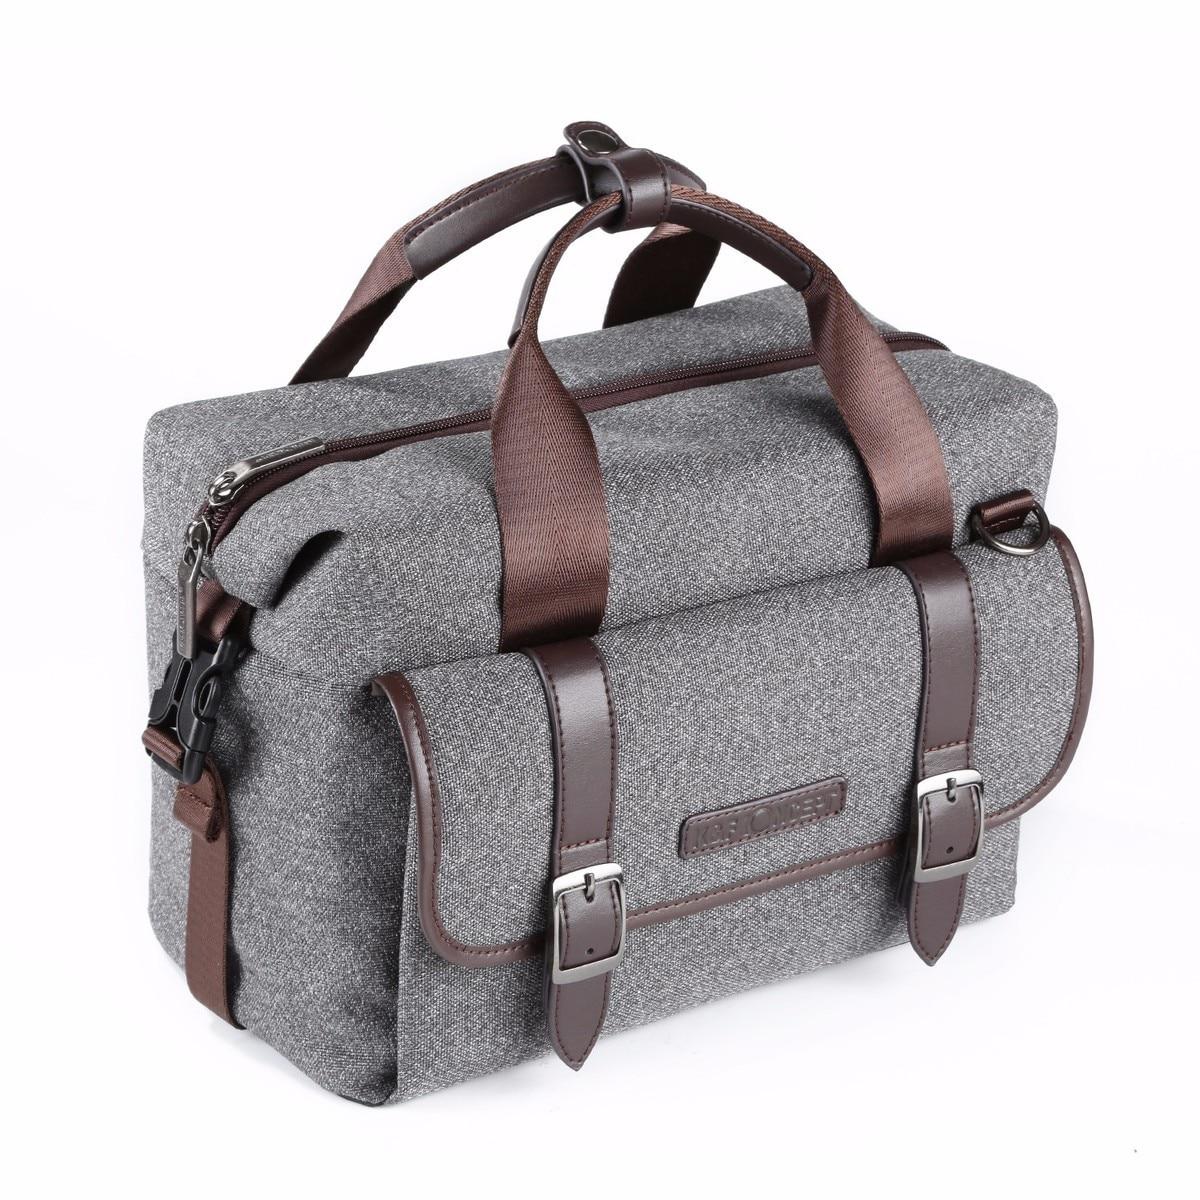 K & F concepto de un solo hombro Cámara bolsa impermeable a prueba de golpes viaje bolsas de fotos Paquete de ocio para Canon Nikon DSLR